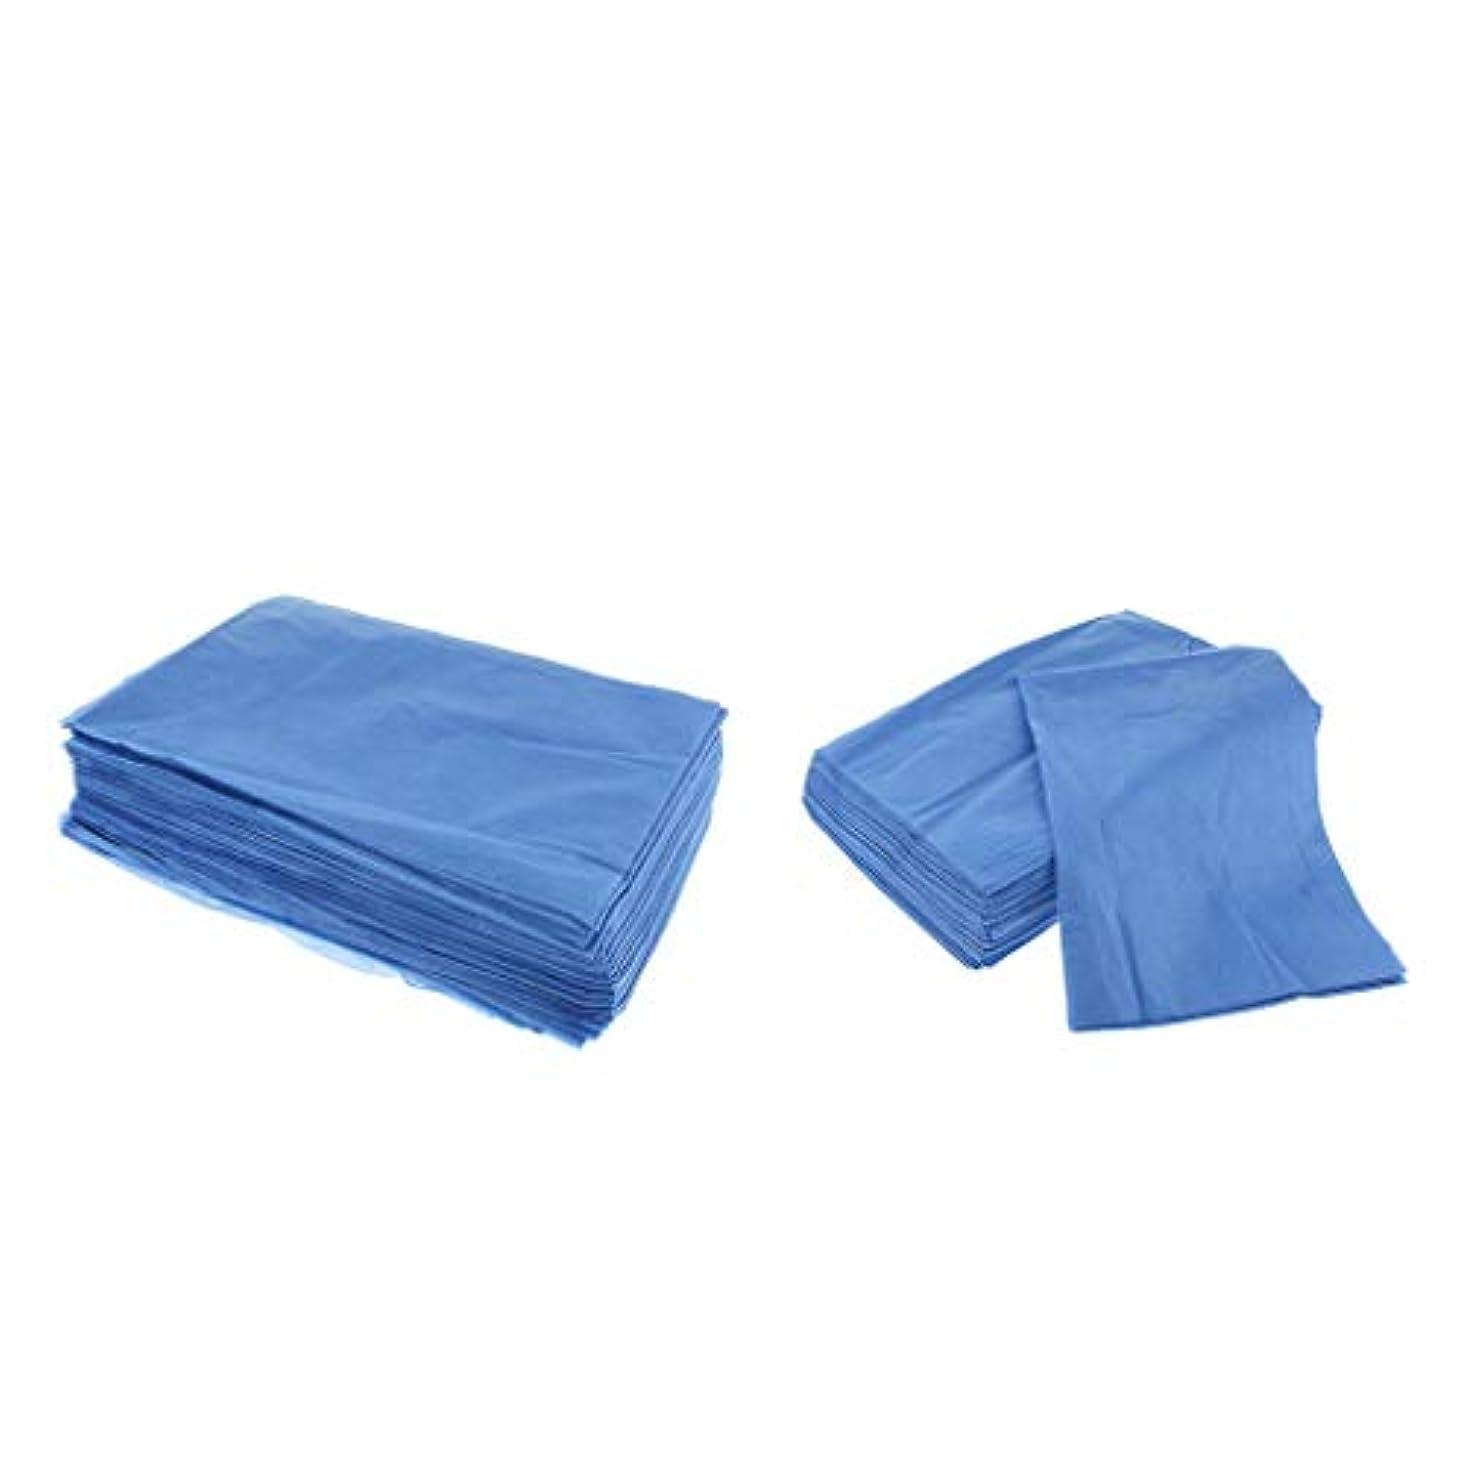 ジョガー四面体かけるHellery 40ピース/枚/個/枚のパック、失禁用不織布使い捨てシーツ紙、マッサージテーブルシート、フェイシャルビューティー